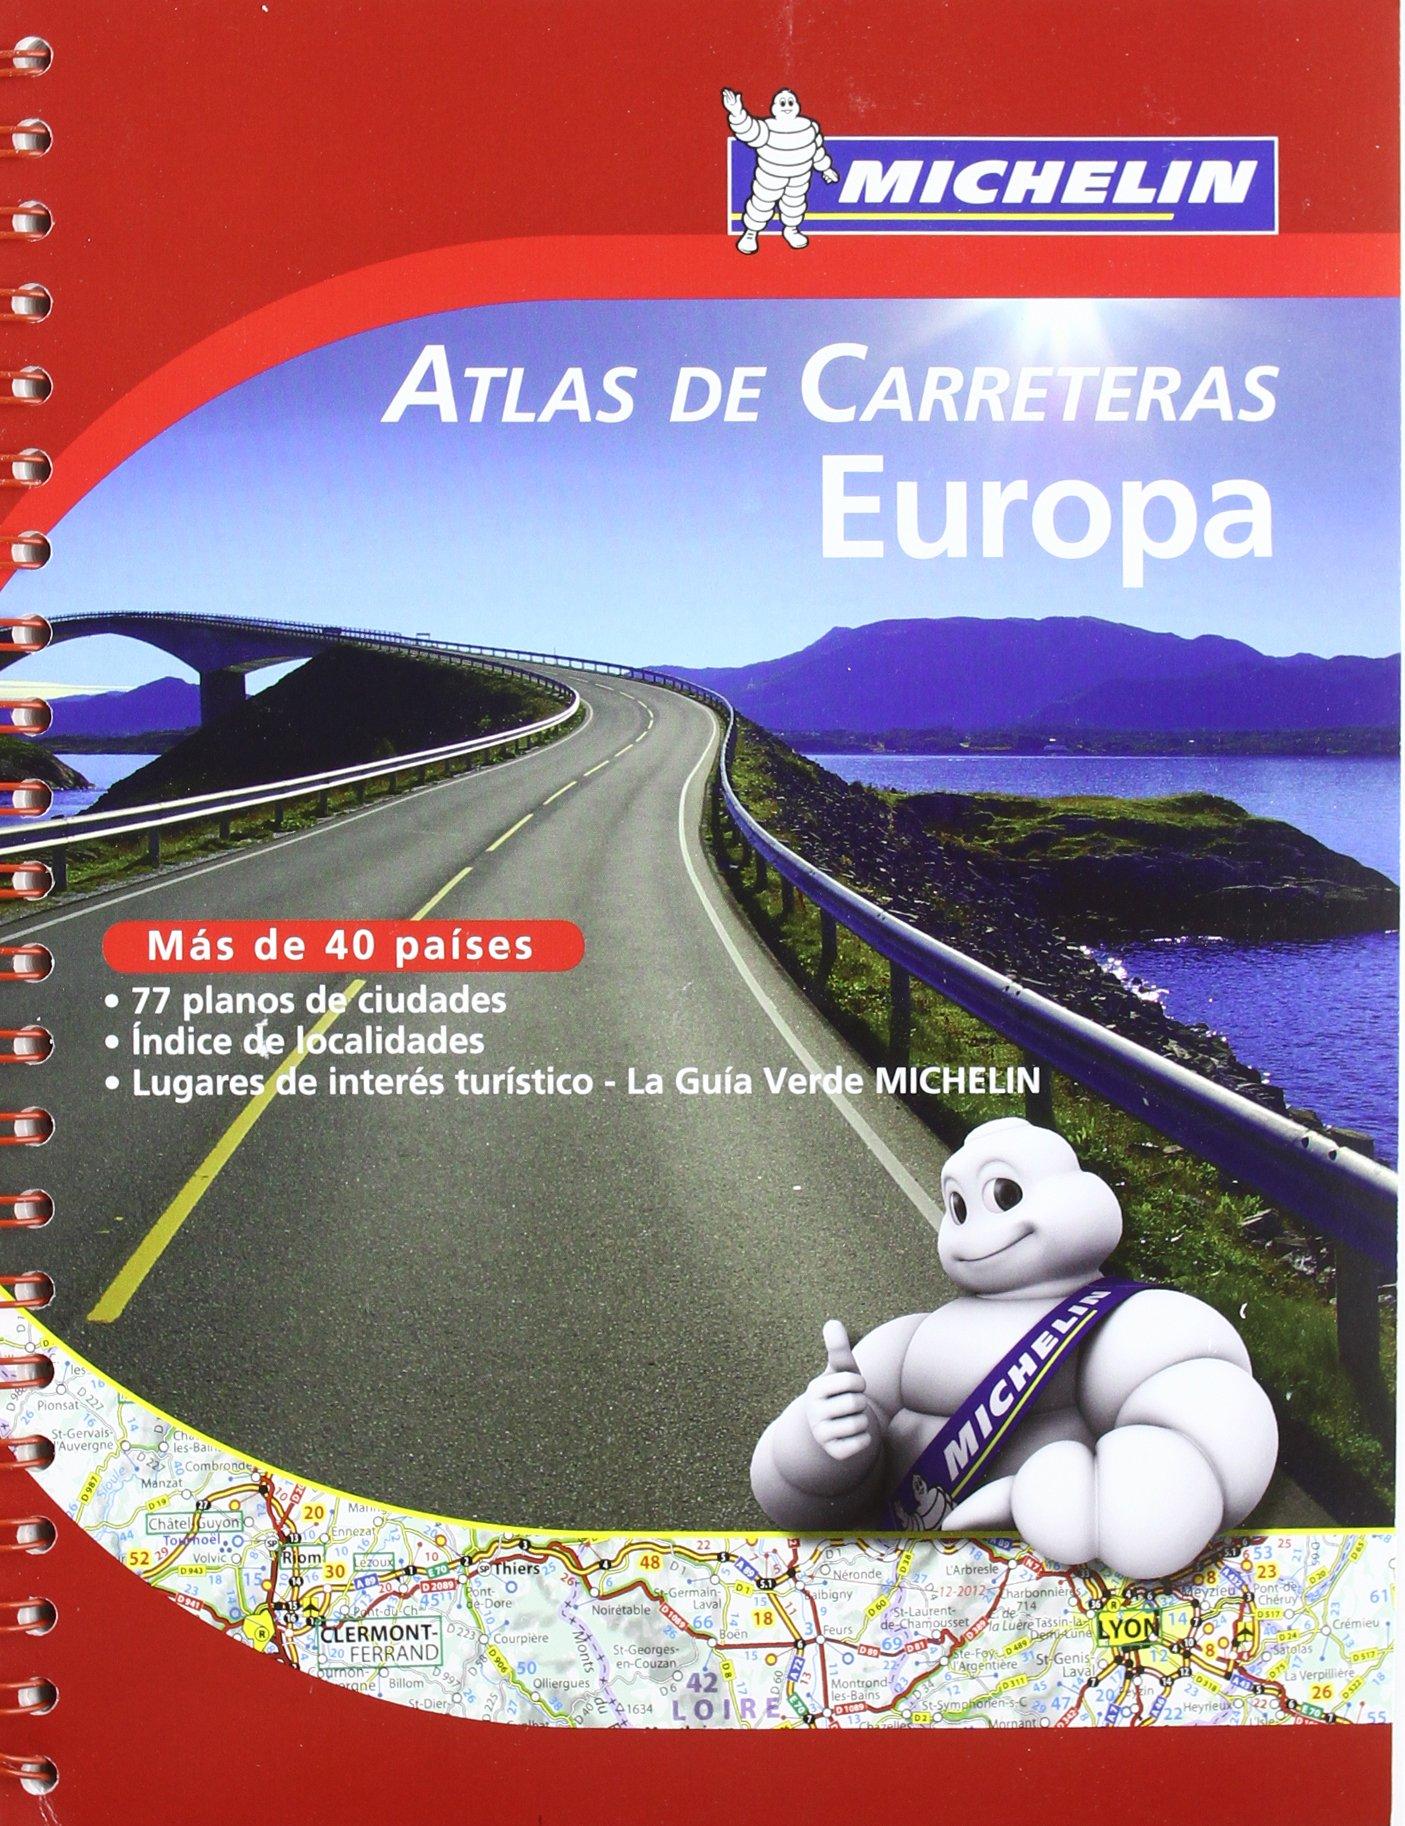 Europa Atlas de carreteras Atlas de carreteras Michelin: Amazon.es: MICHELIN: Libros